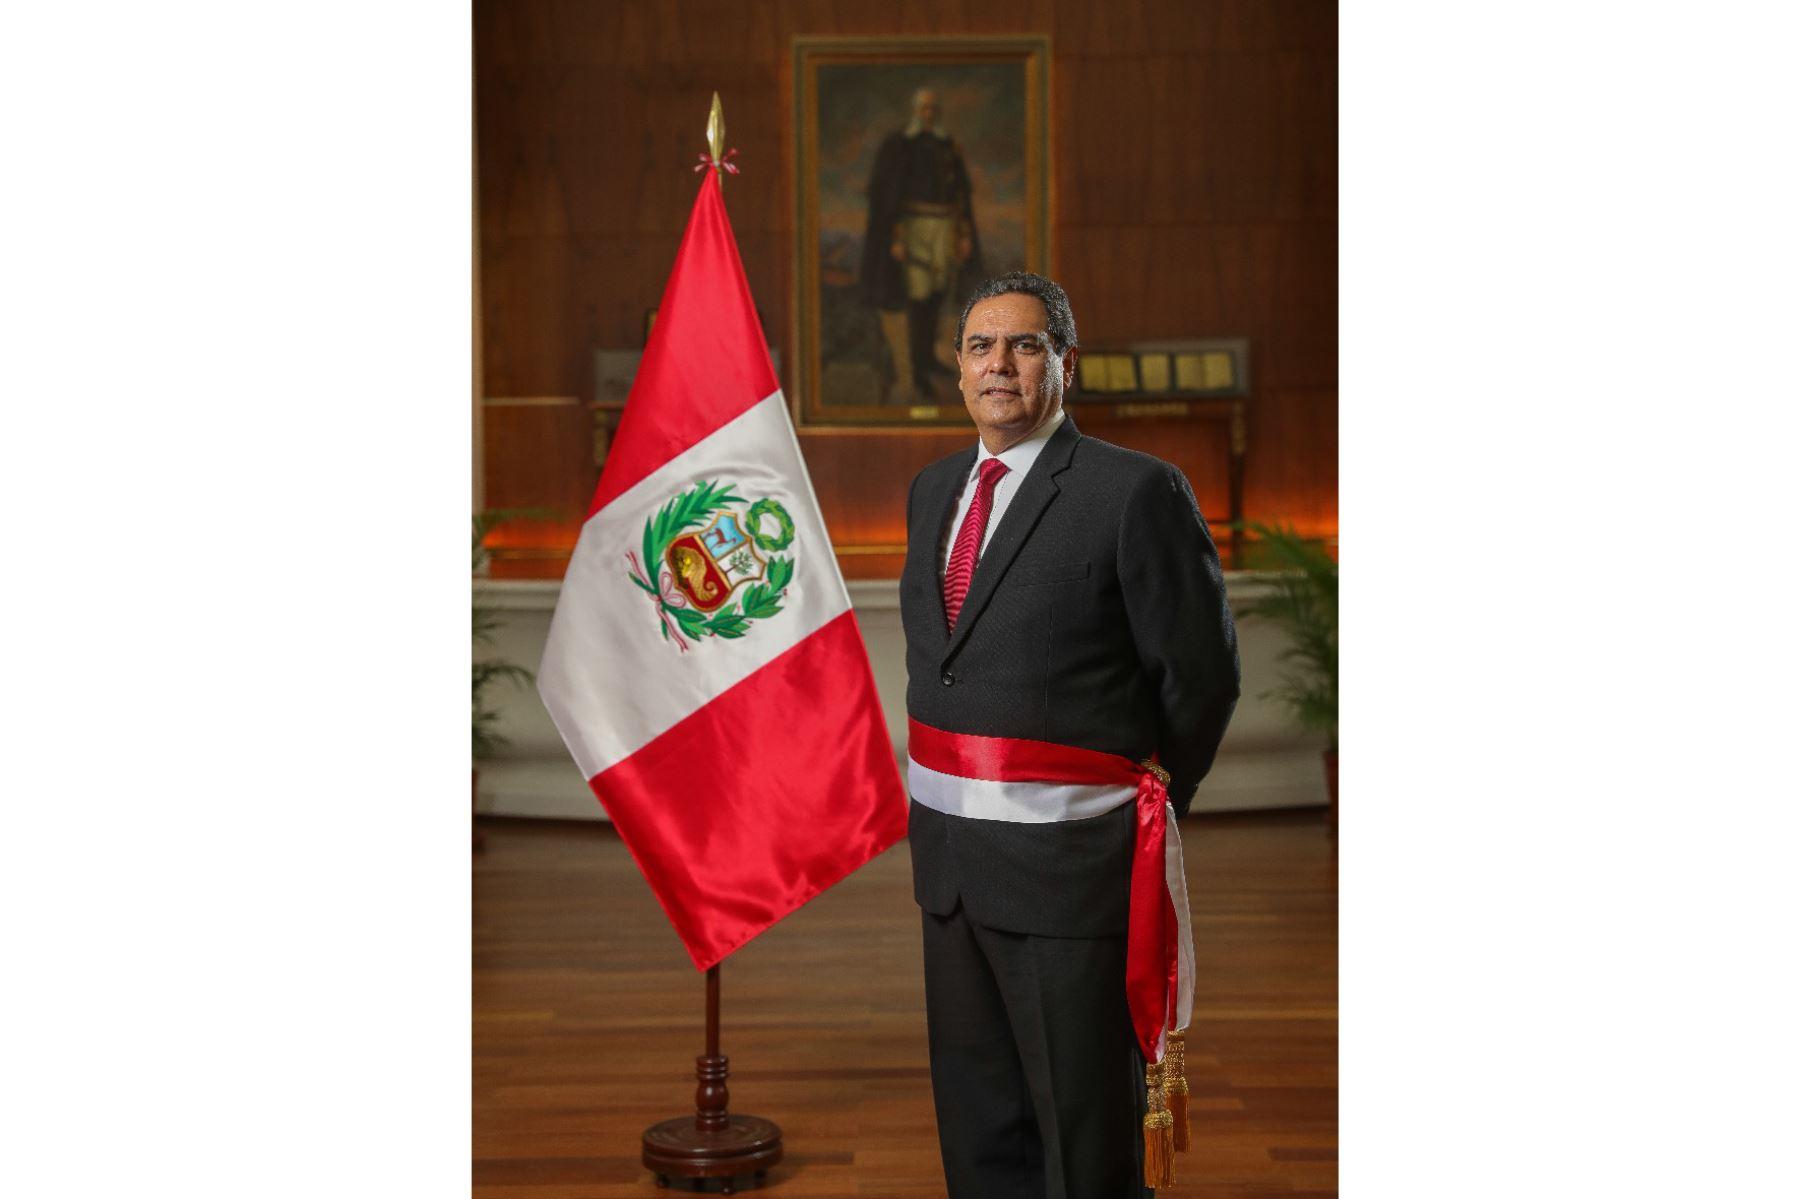 Jorge Eduardo Montoya Pérez, ministro del Interior. Teniente general de la Fuerza Aérea del Perú y licenciado en Ciencias de la Administración Aeroespacial de la Escuela de Oficiales de la Fuerza Aérea del Perú. Foto: ANDINA/PCM